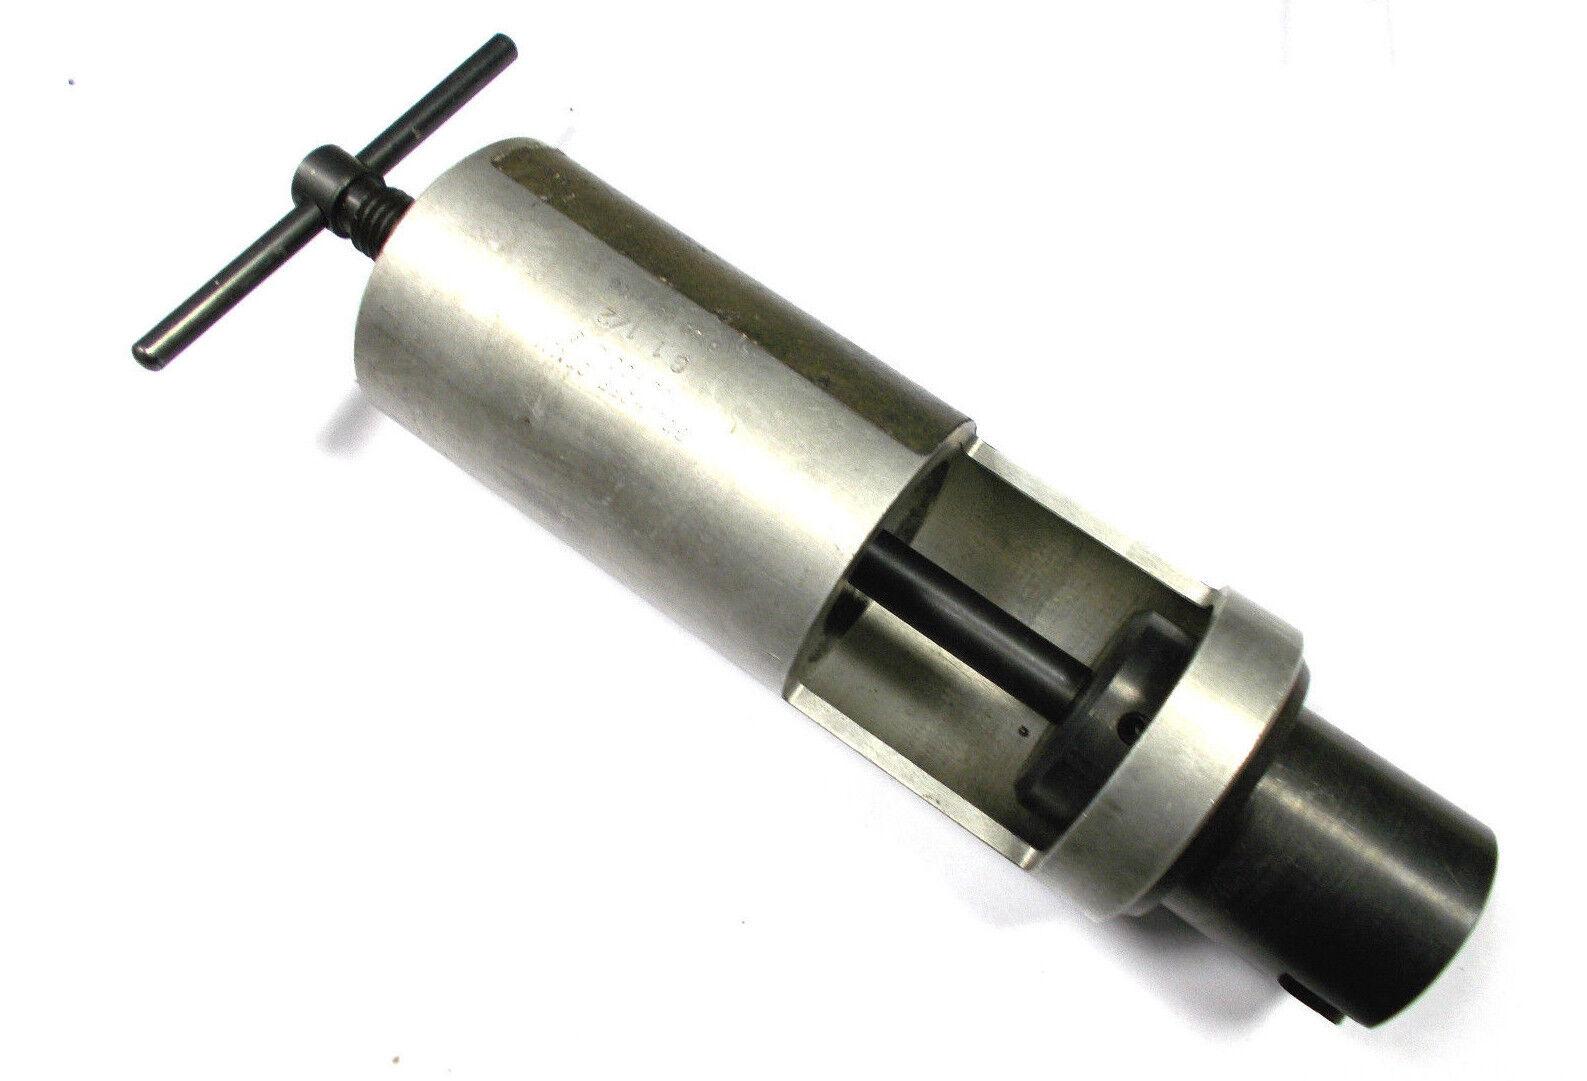 Gewindereparatur Werkzeug   HELI COIL  G 1 1/2     Böllhoff OTALU     C7766